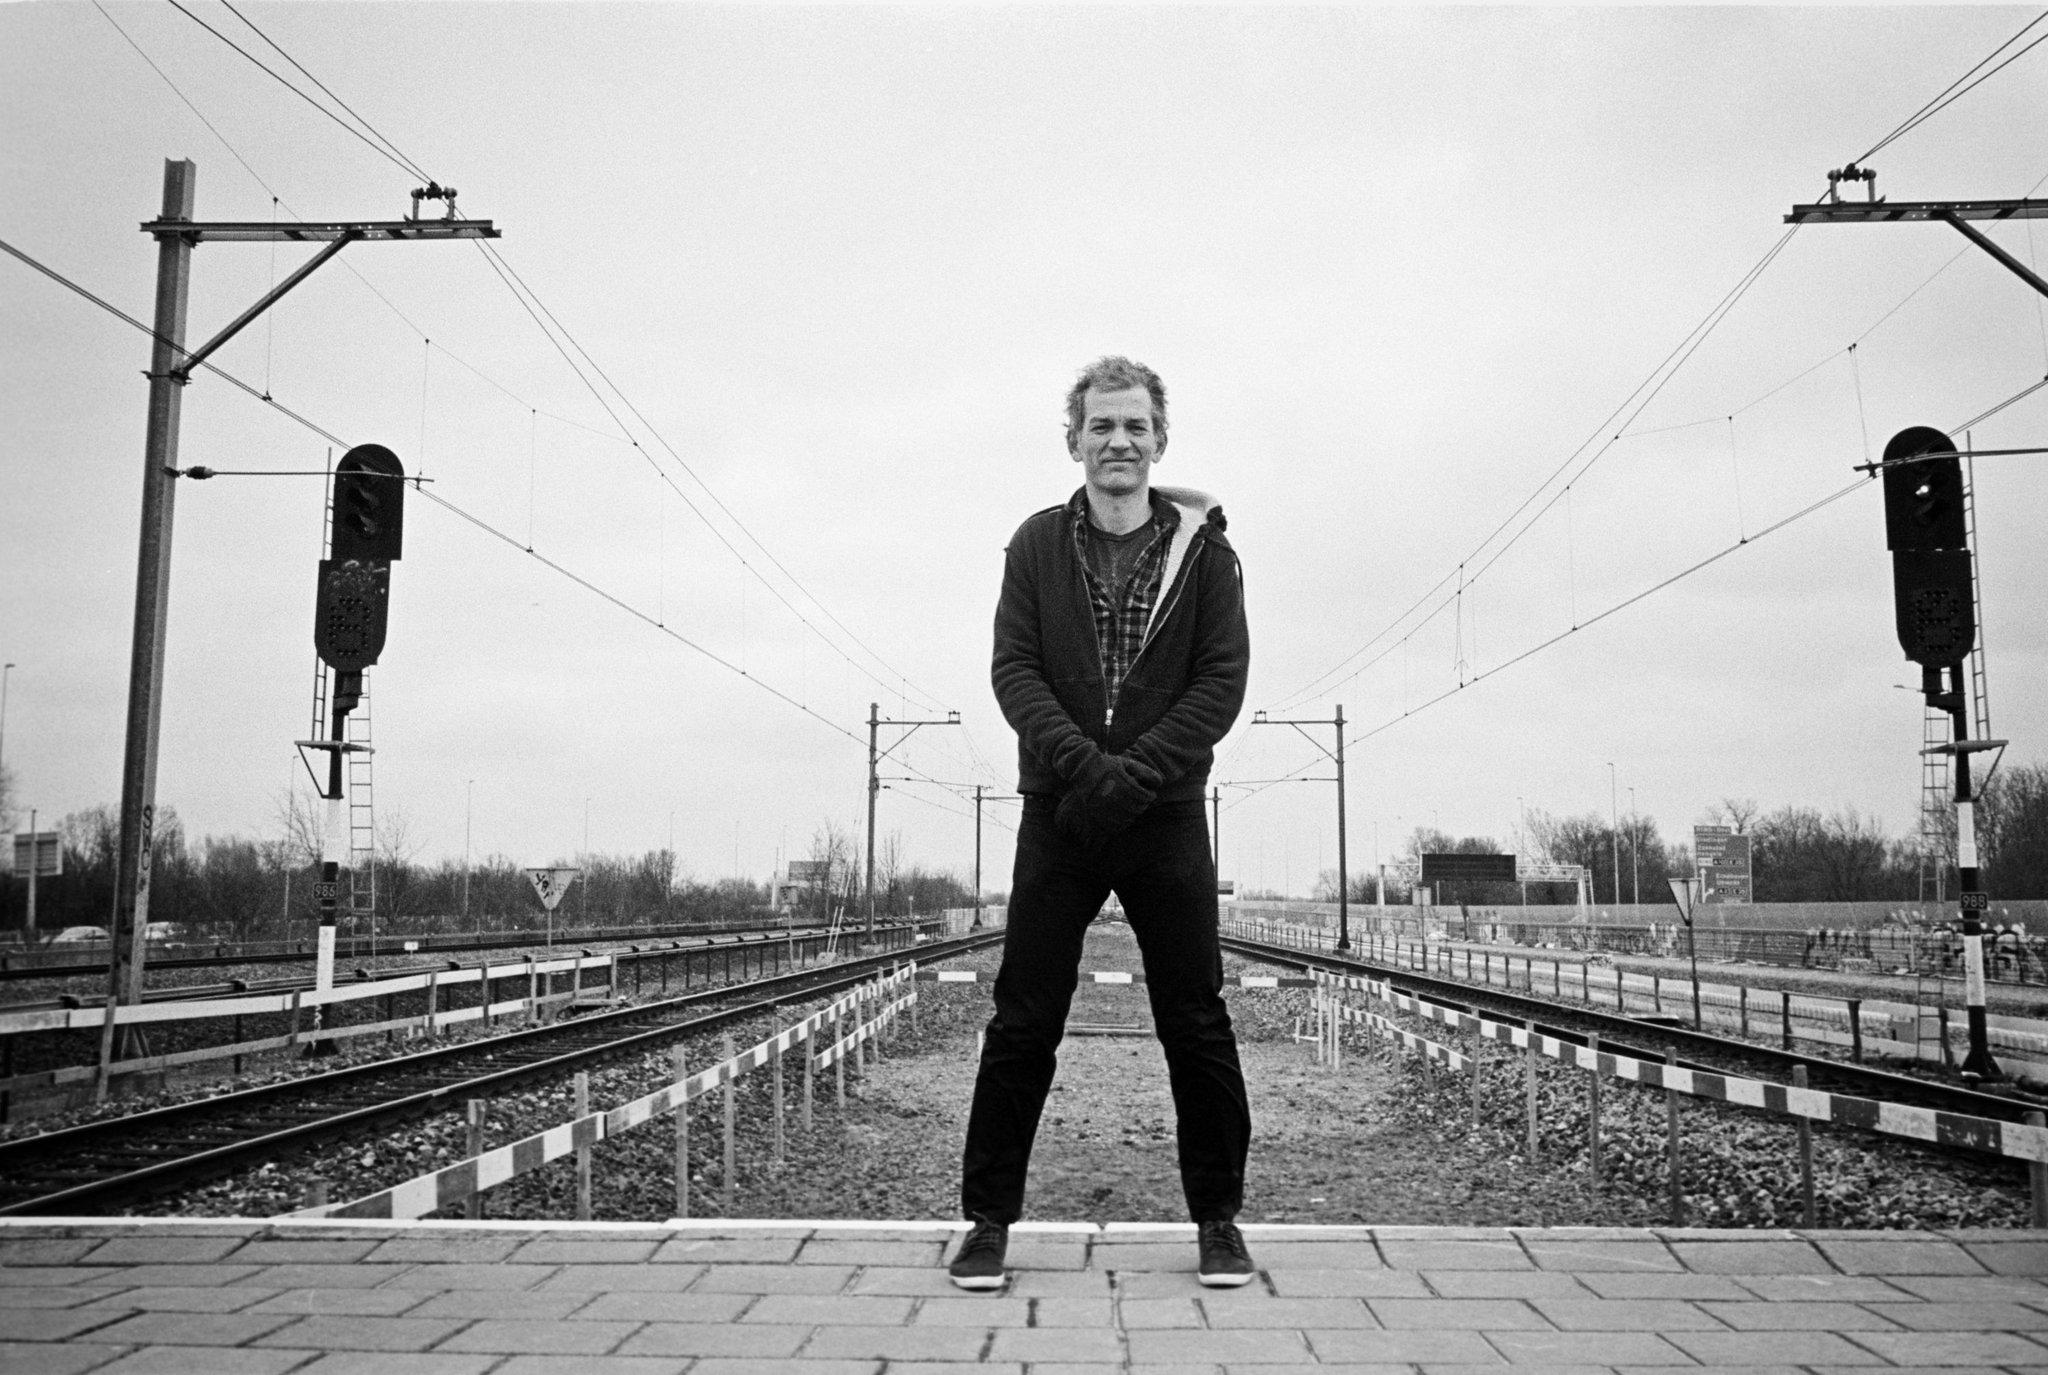 """""""@bradmehldau on brilliant form at the @NNFest"""" - @Telegraph https://t.co/1JQ2xFkc77 https://t.co/26Hs1HOzMj"""